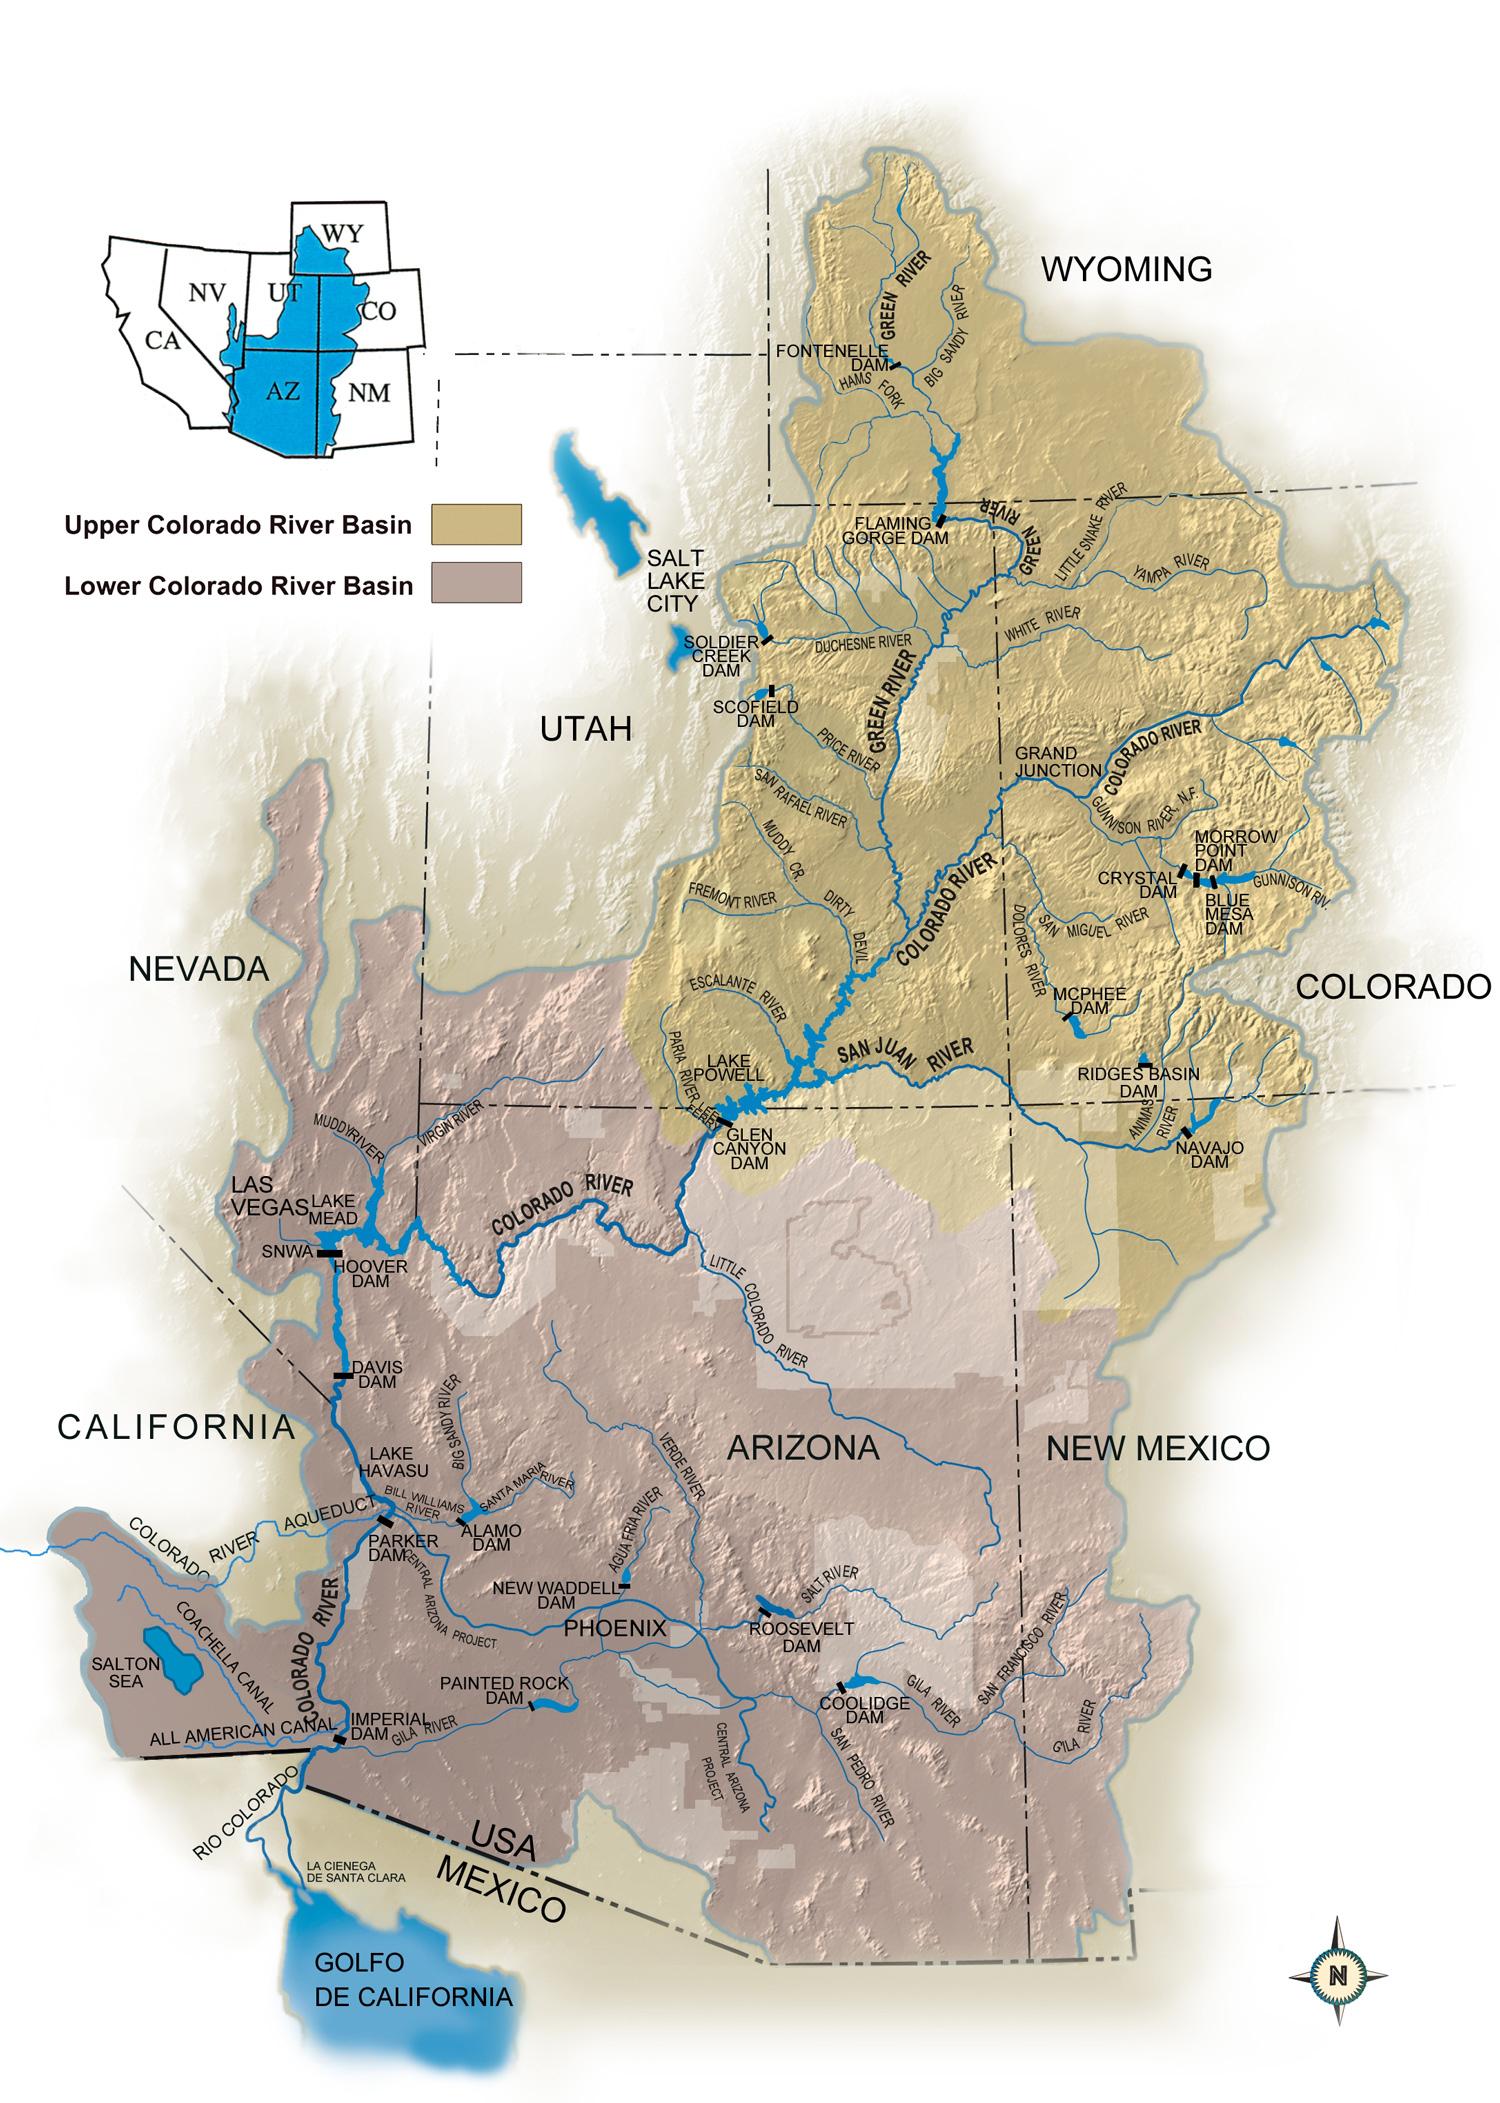 Colorado River Storage Project Uc Region Bureau Of Reclamation New - Colorado River Map Texas